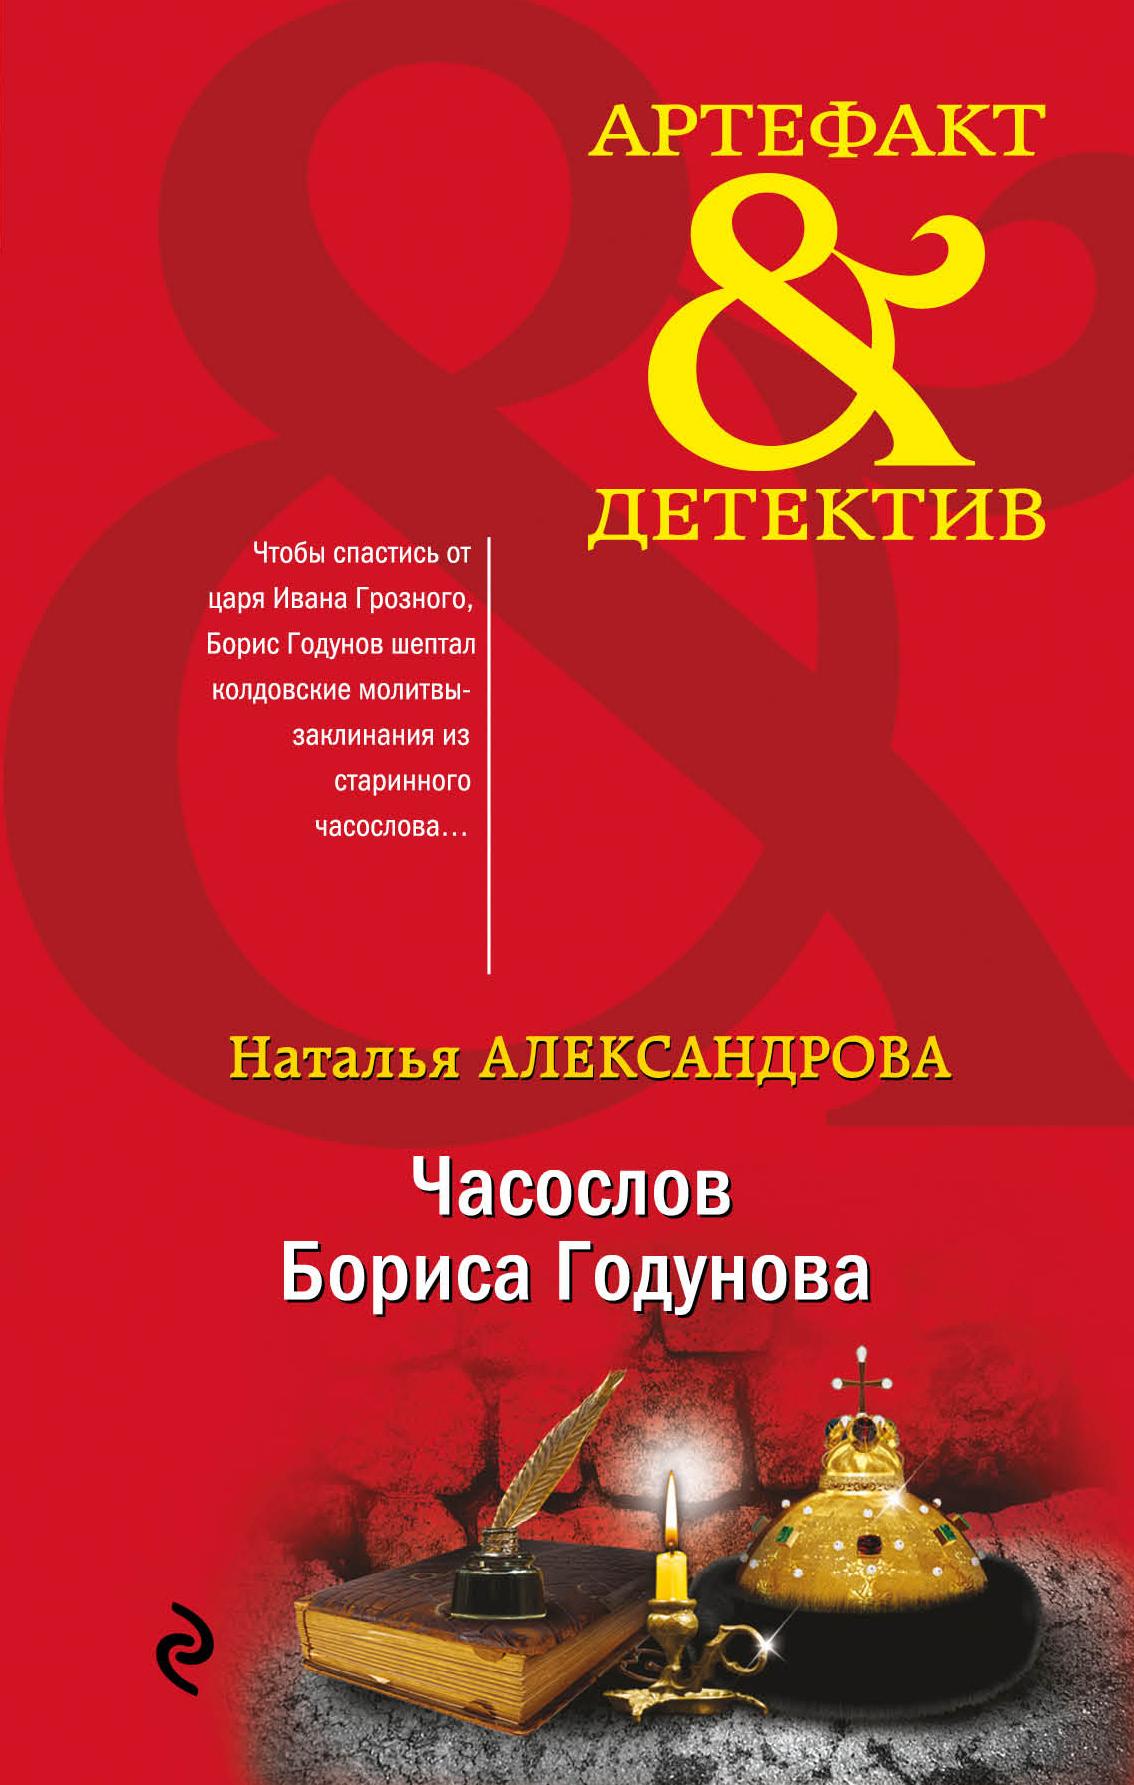 Часослов Бориса Годунова